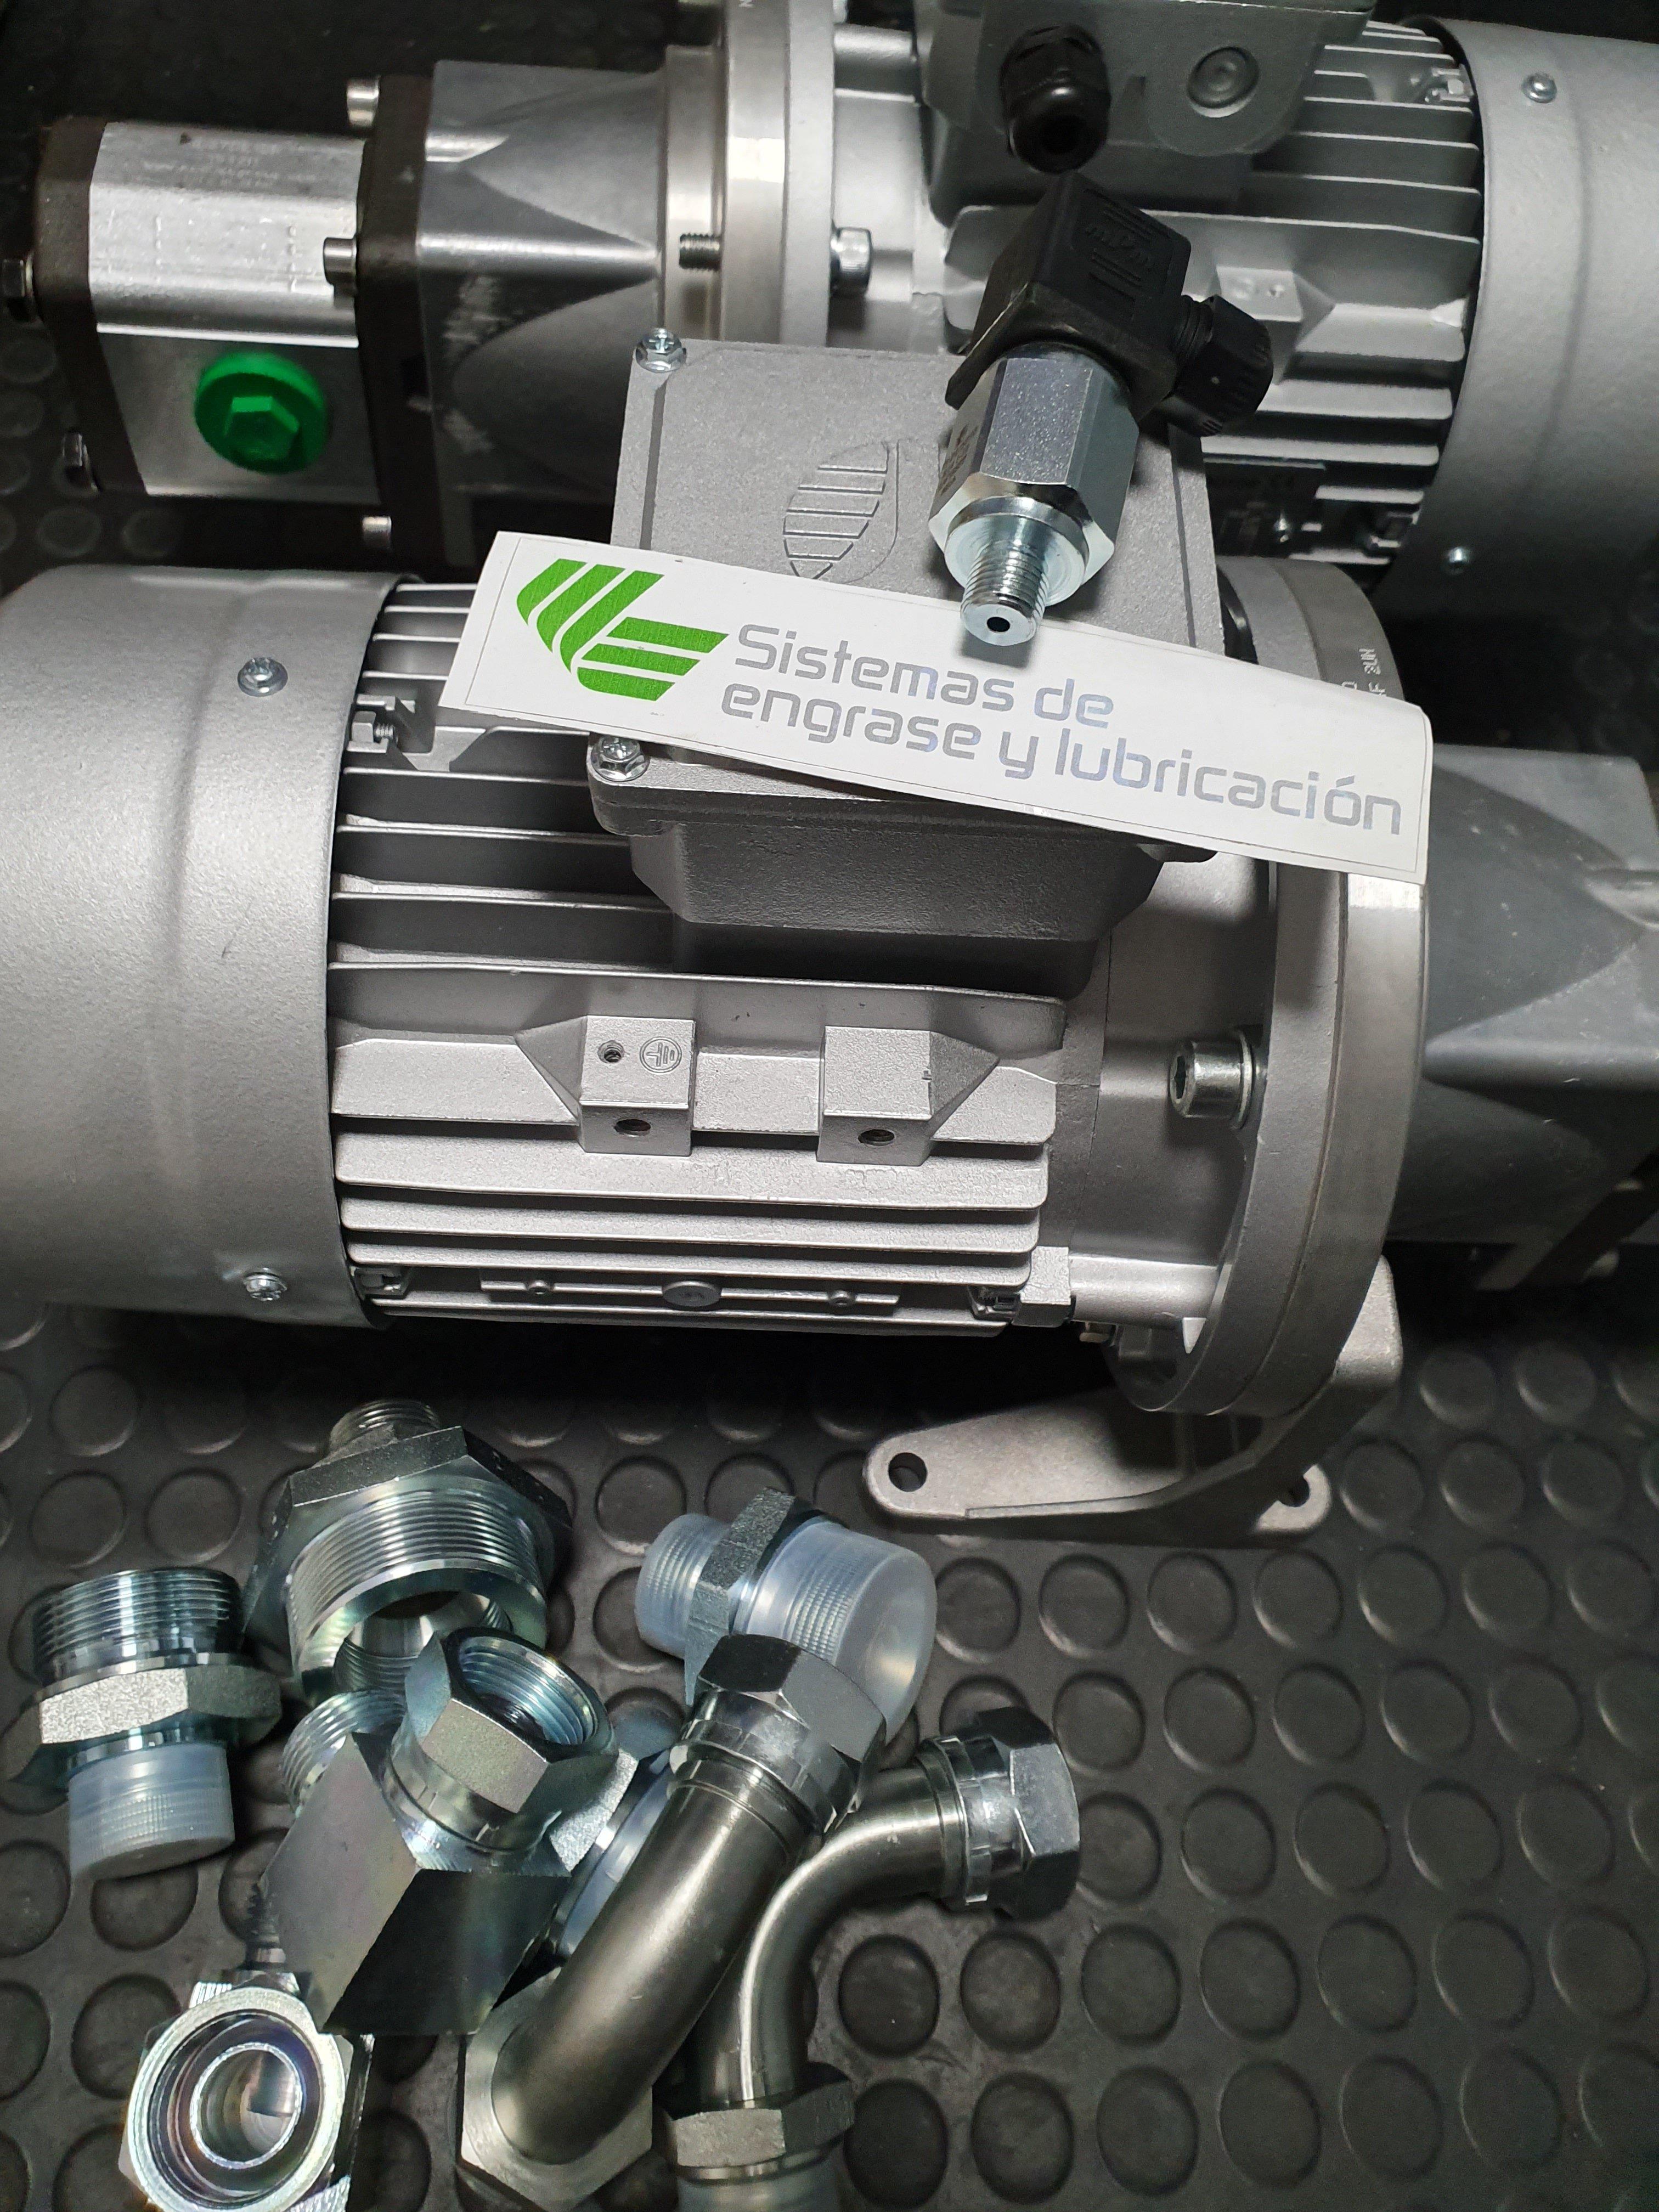 Engrase y sistemas de lubricación industrial